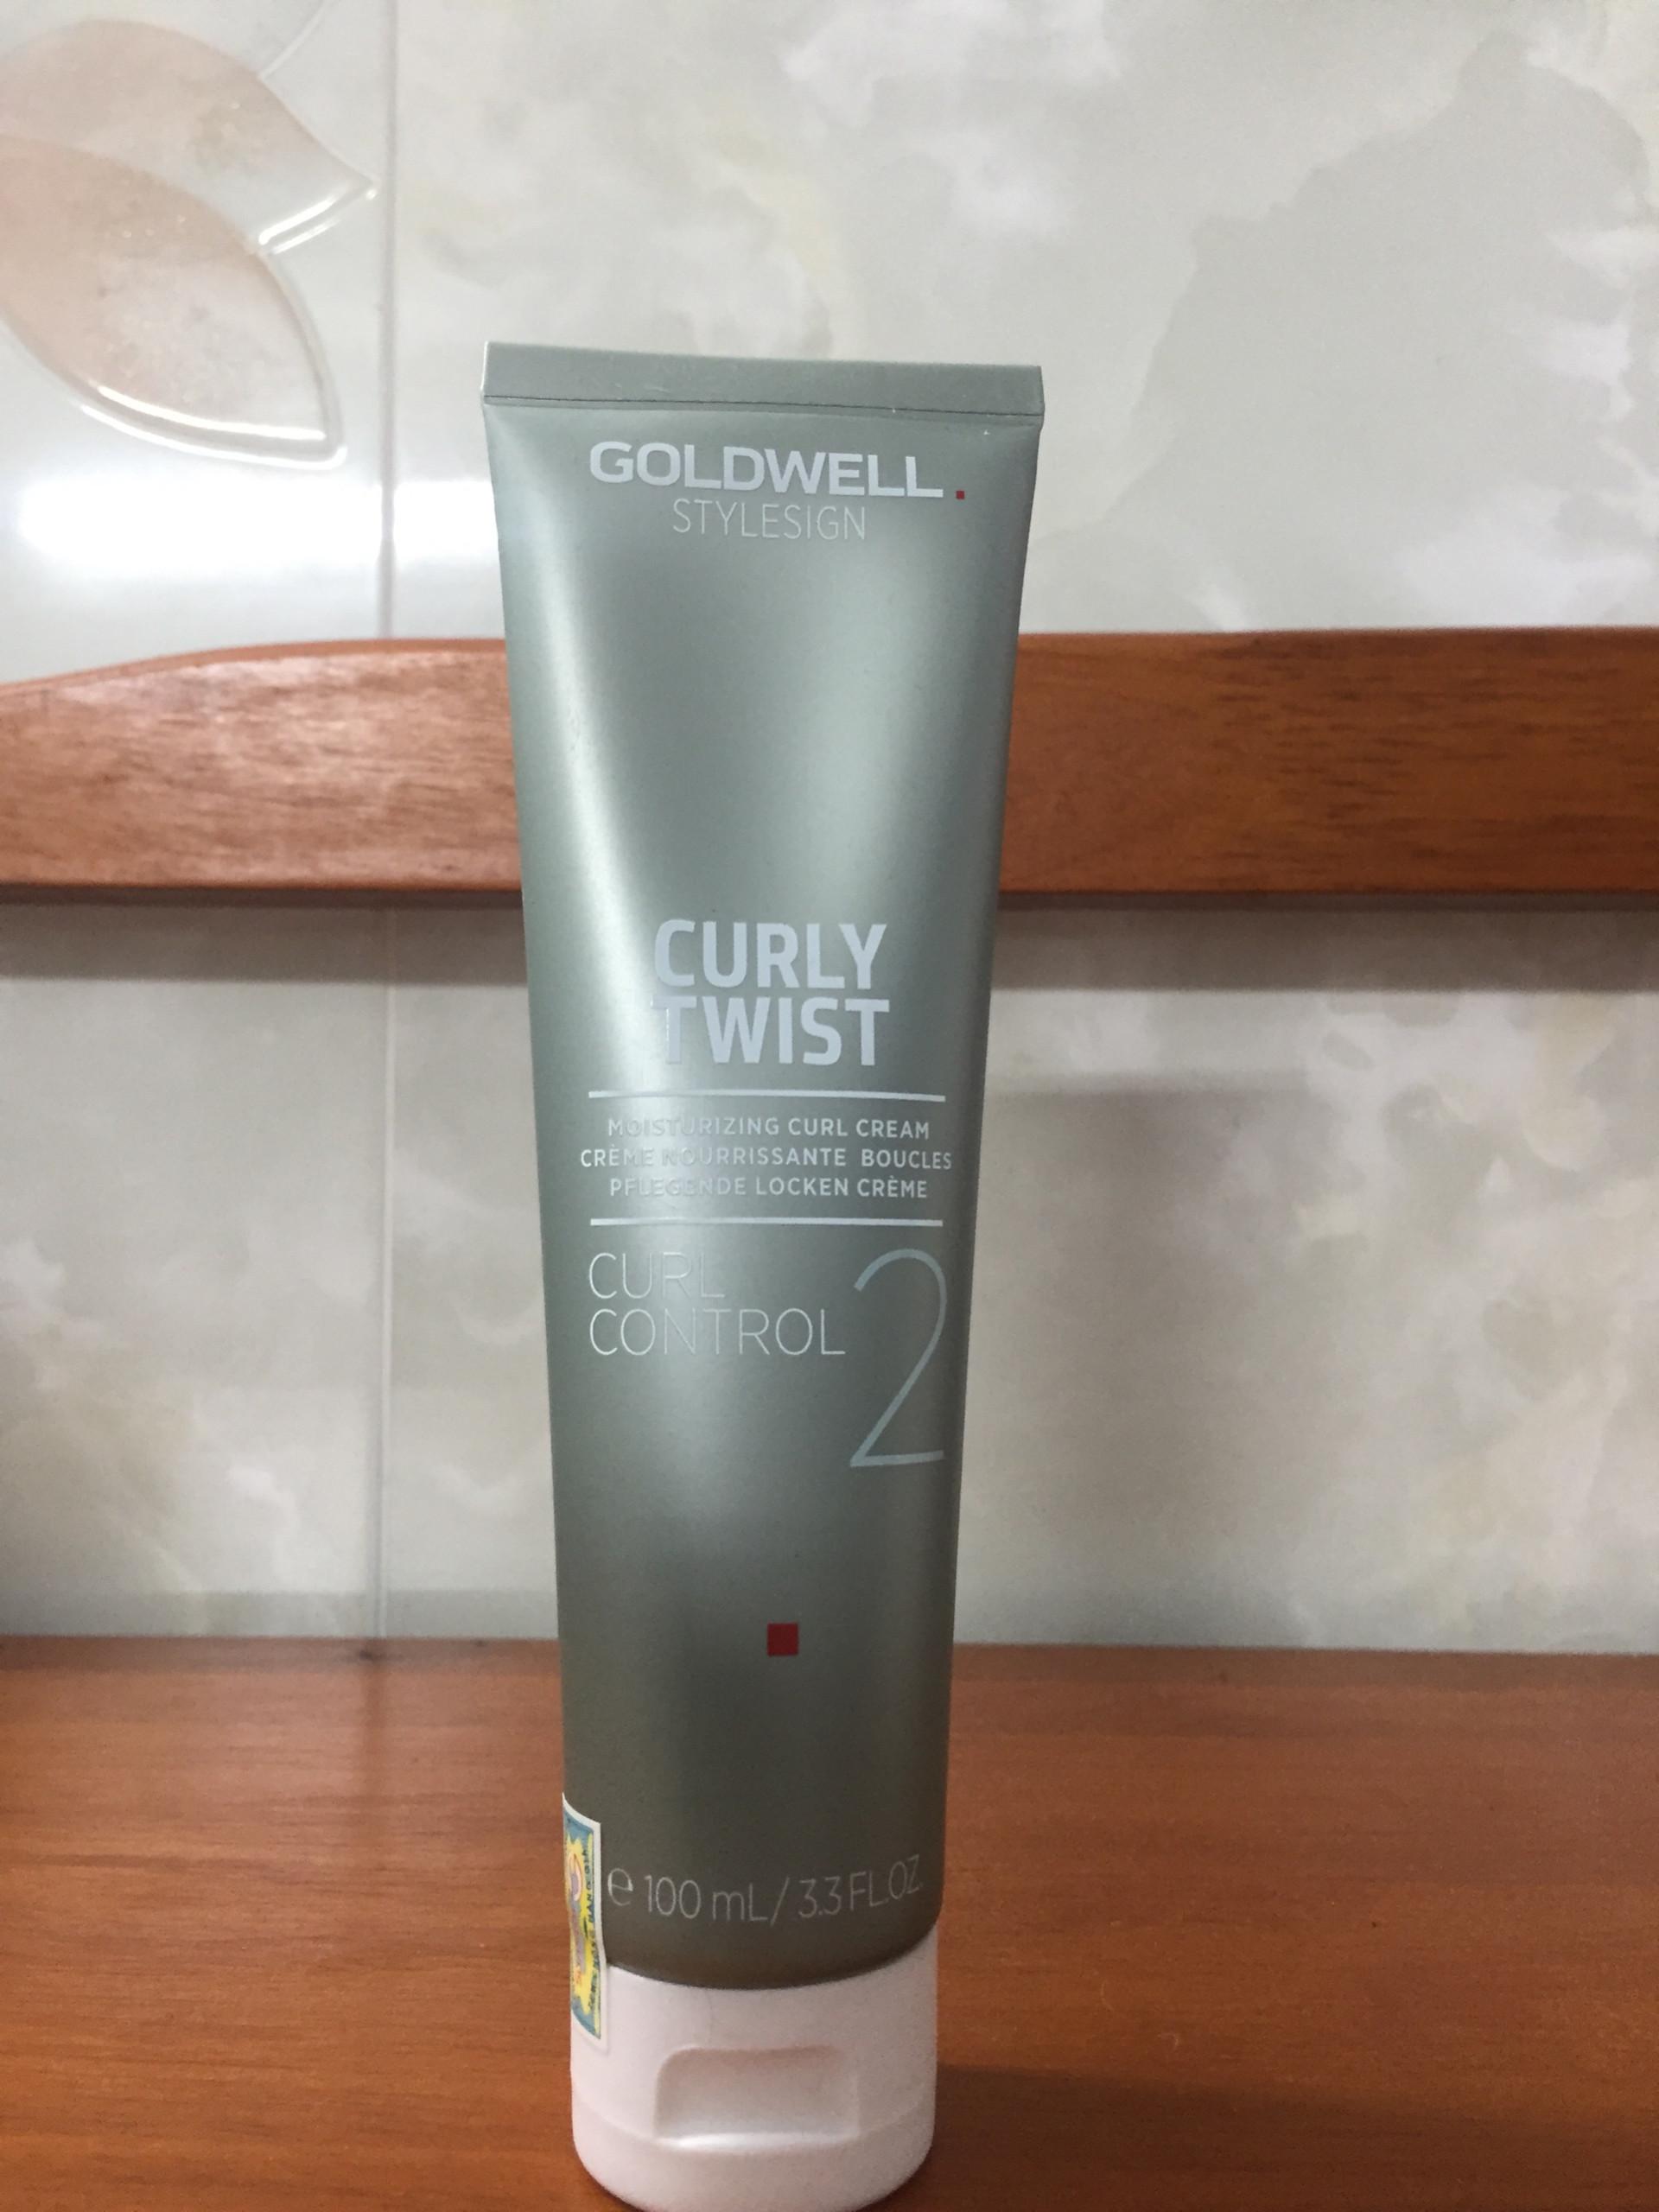 kem tao kieu goldwell duong am toc xoan Curl Twist 100ml